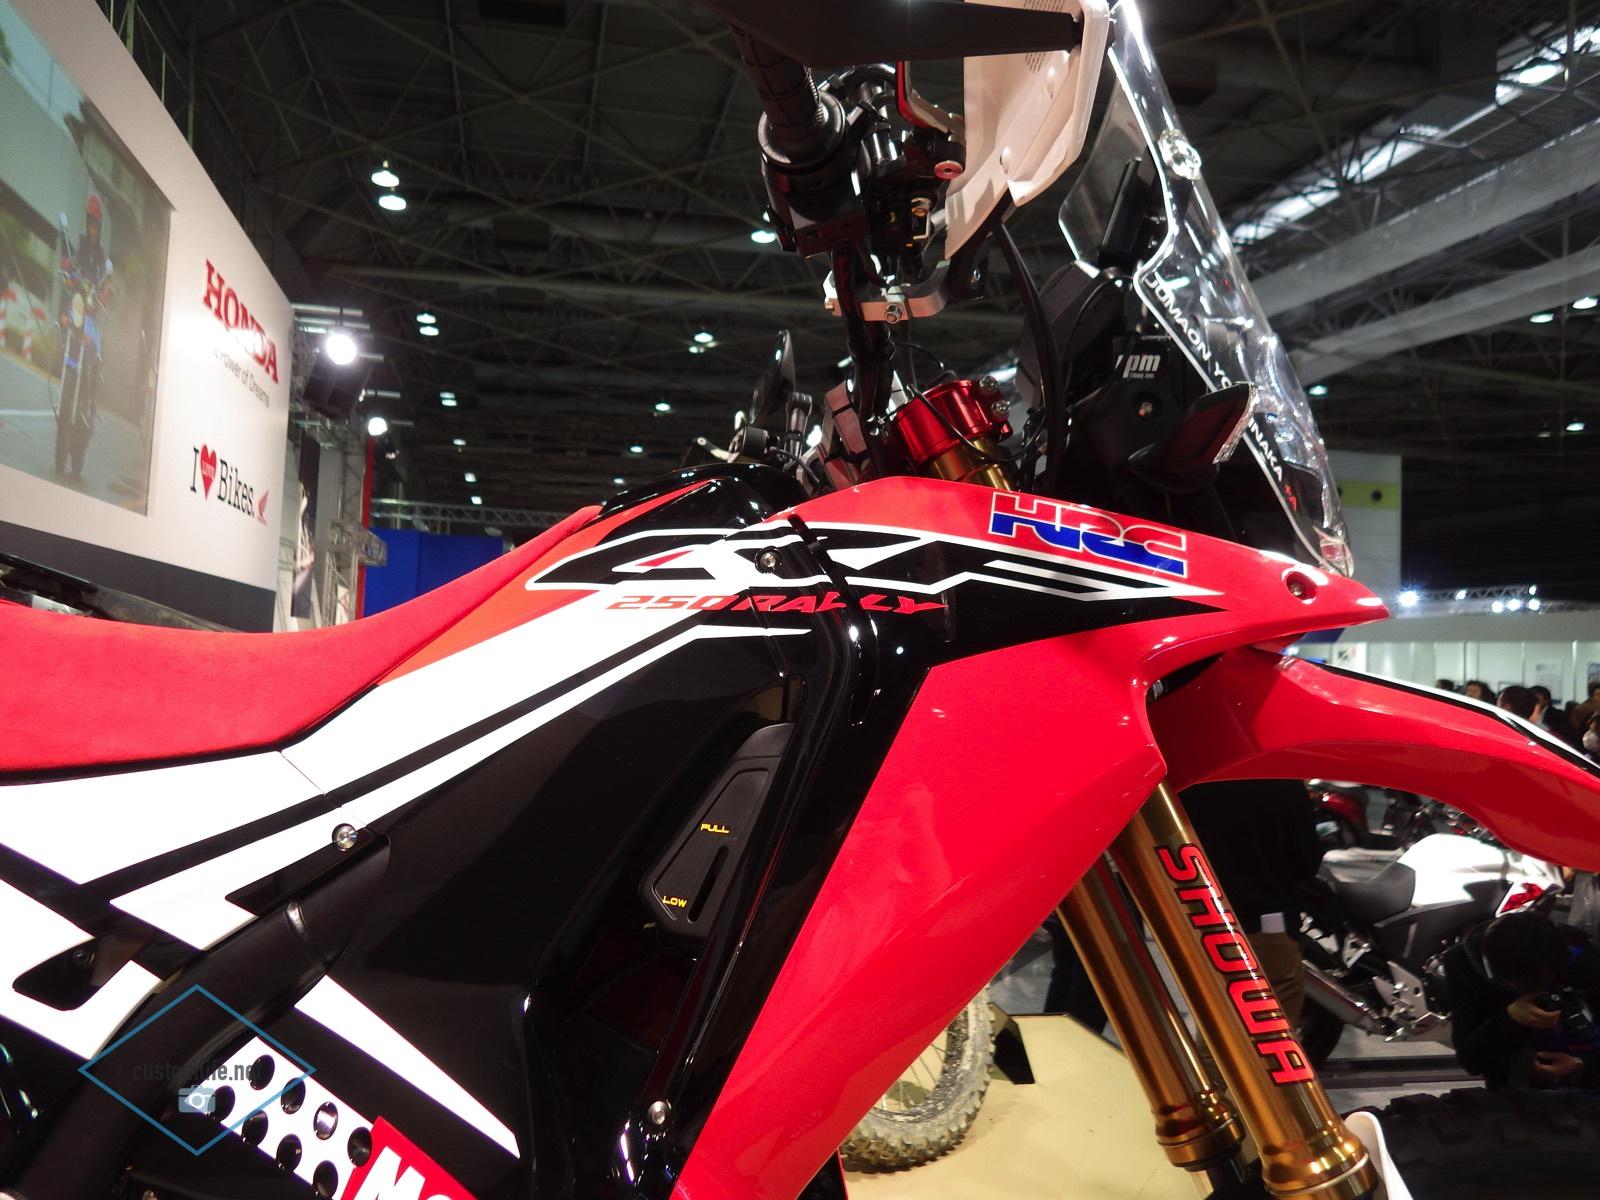 MotorcycleShow 2015 Osaka 43